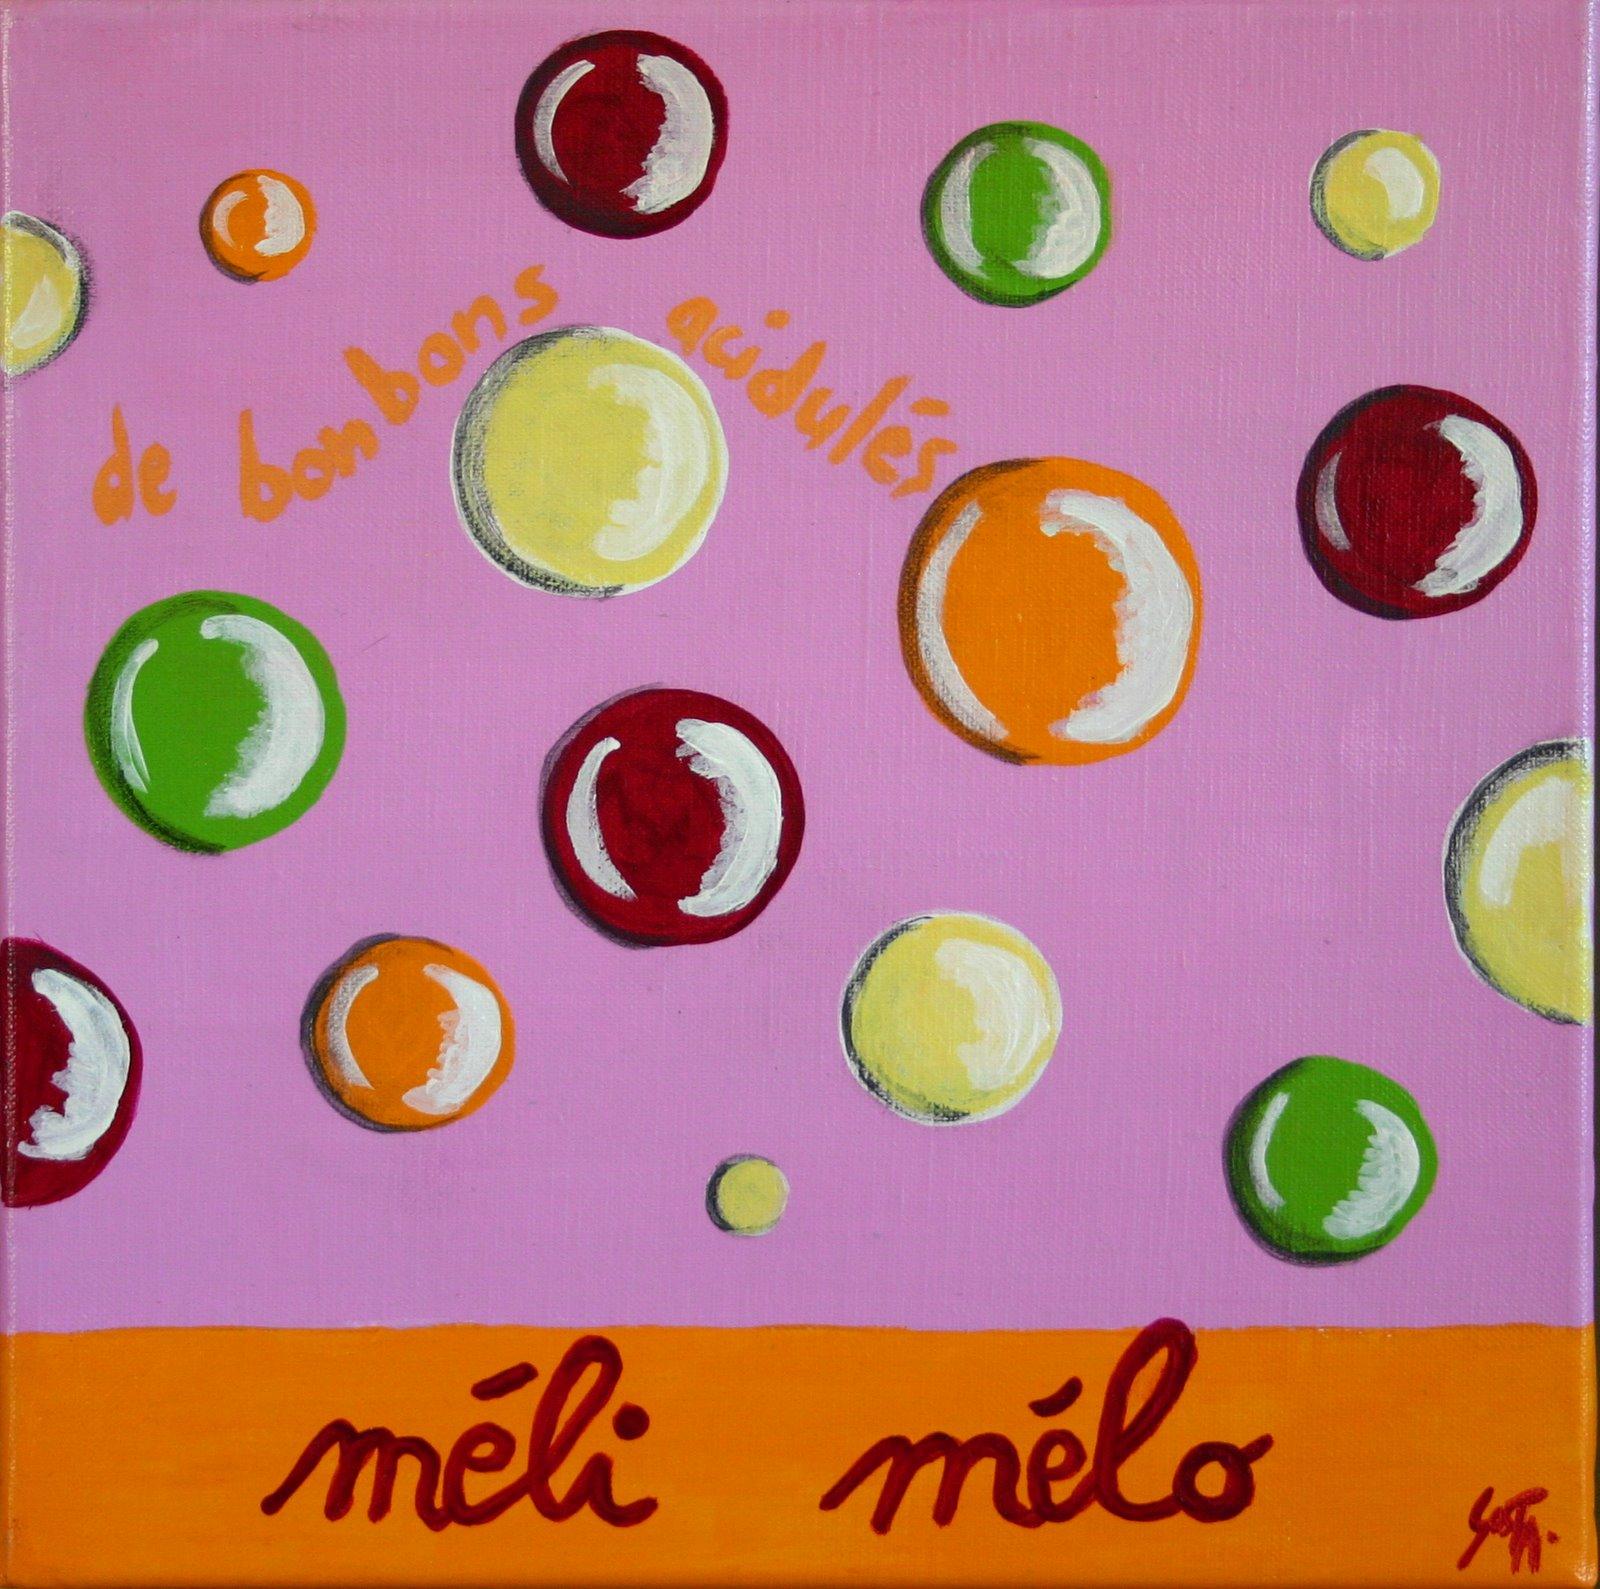 Tableau Contemporain, Méli mélo acidulé. Sophie Costa, artiste peintre.